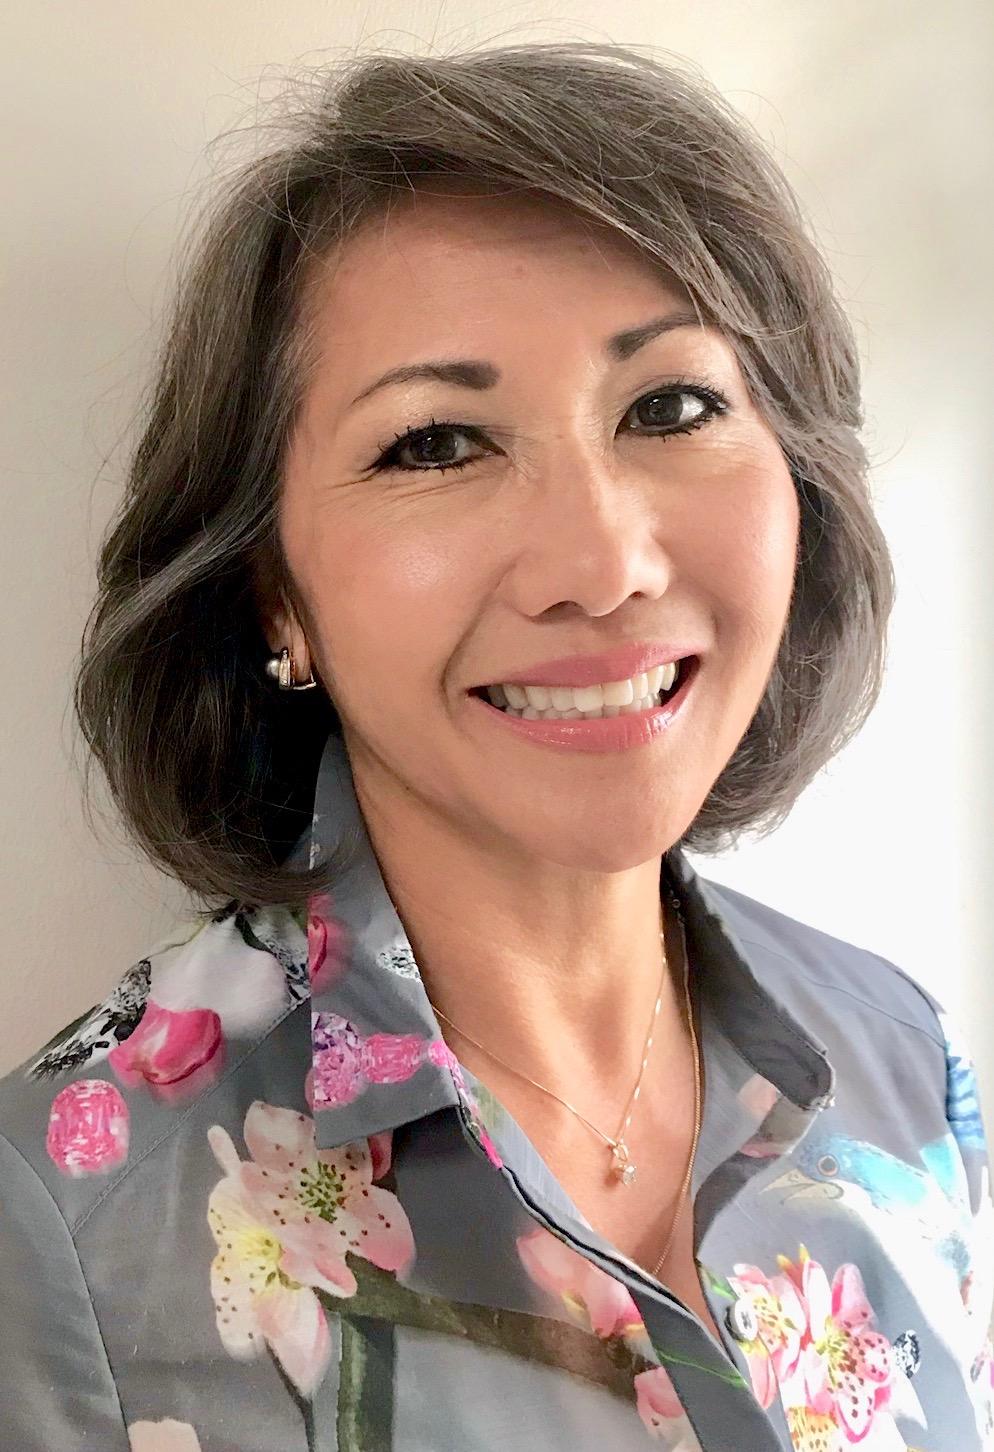 Avatar of Trudy E. Kim